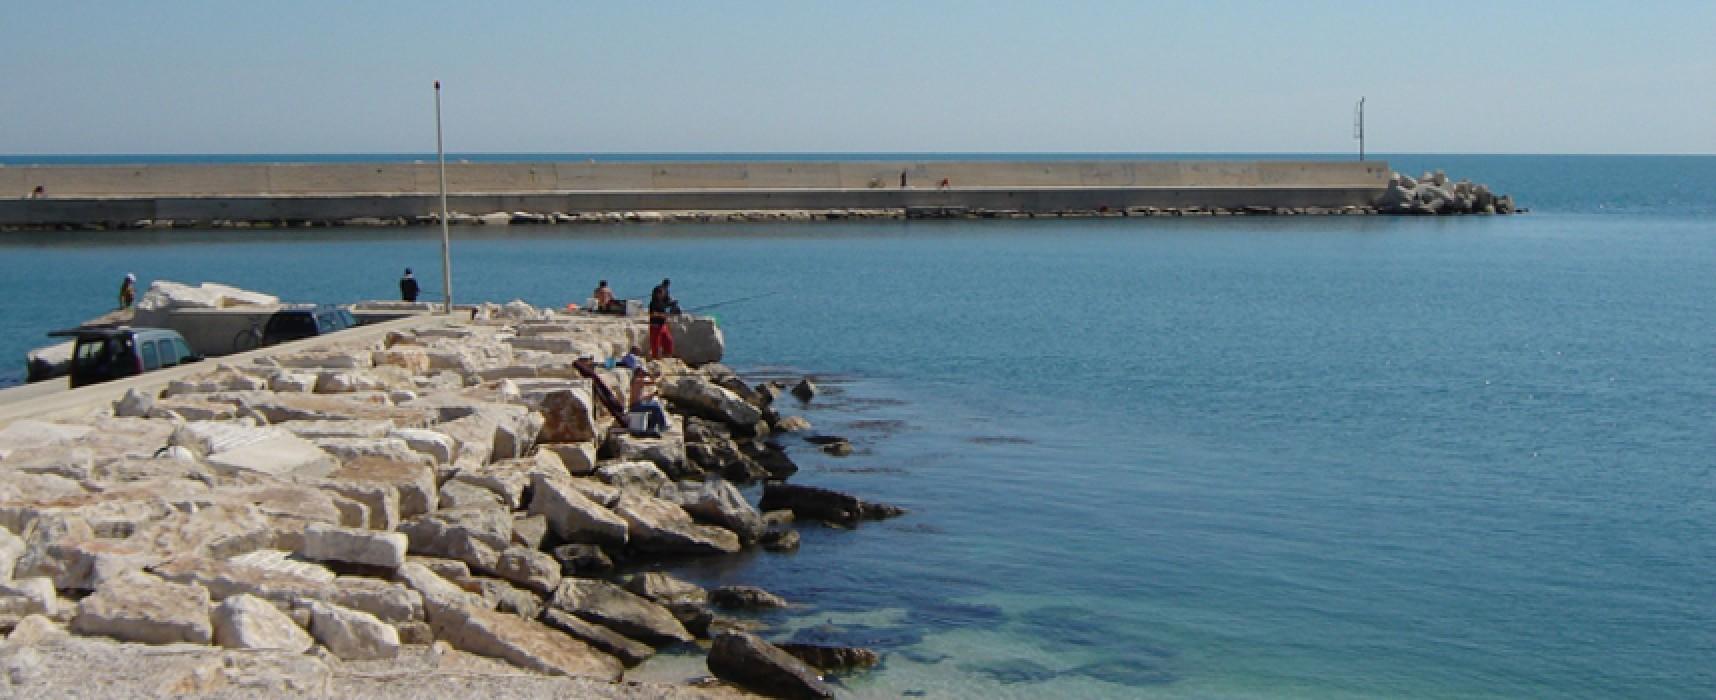 Raddoppio posti barca al porto, la giunta comunale approva studio di fattibilità